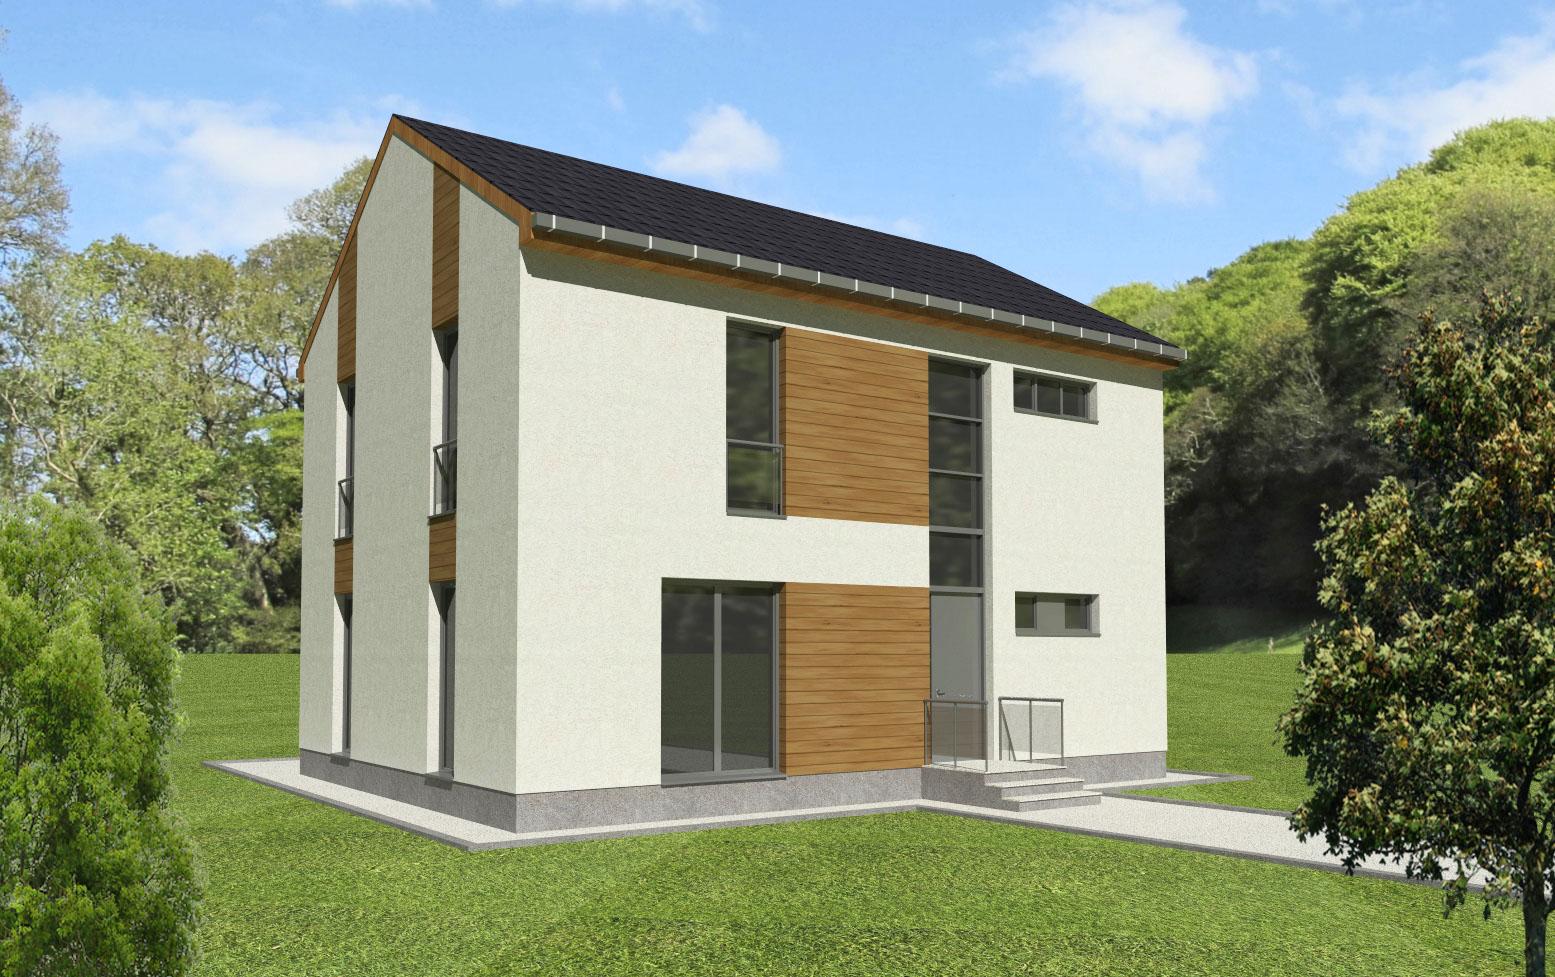 Maison en bois Casiopeea